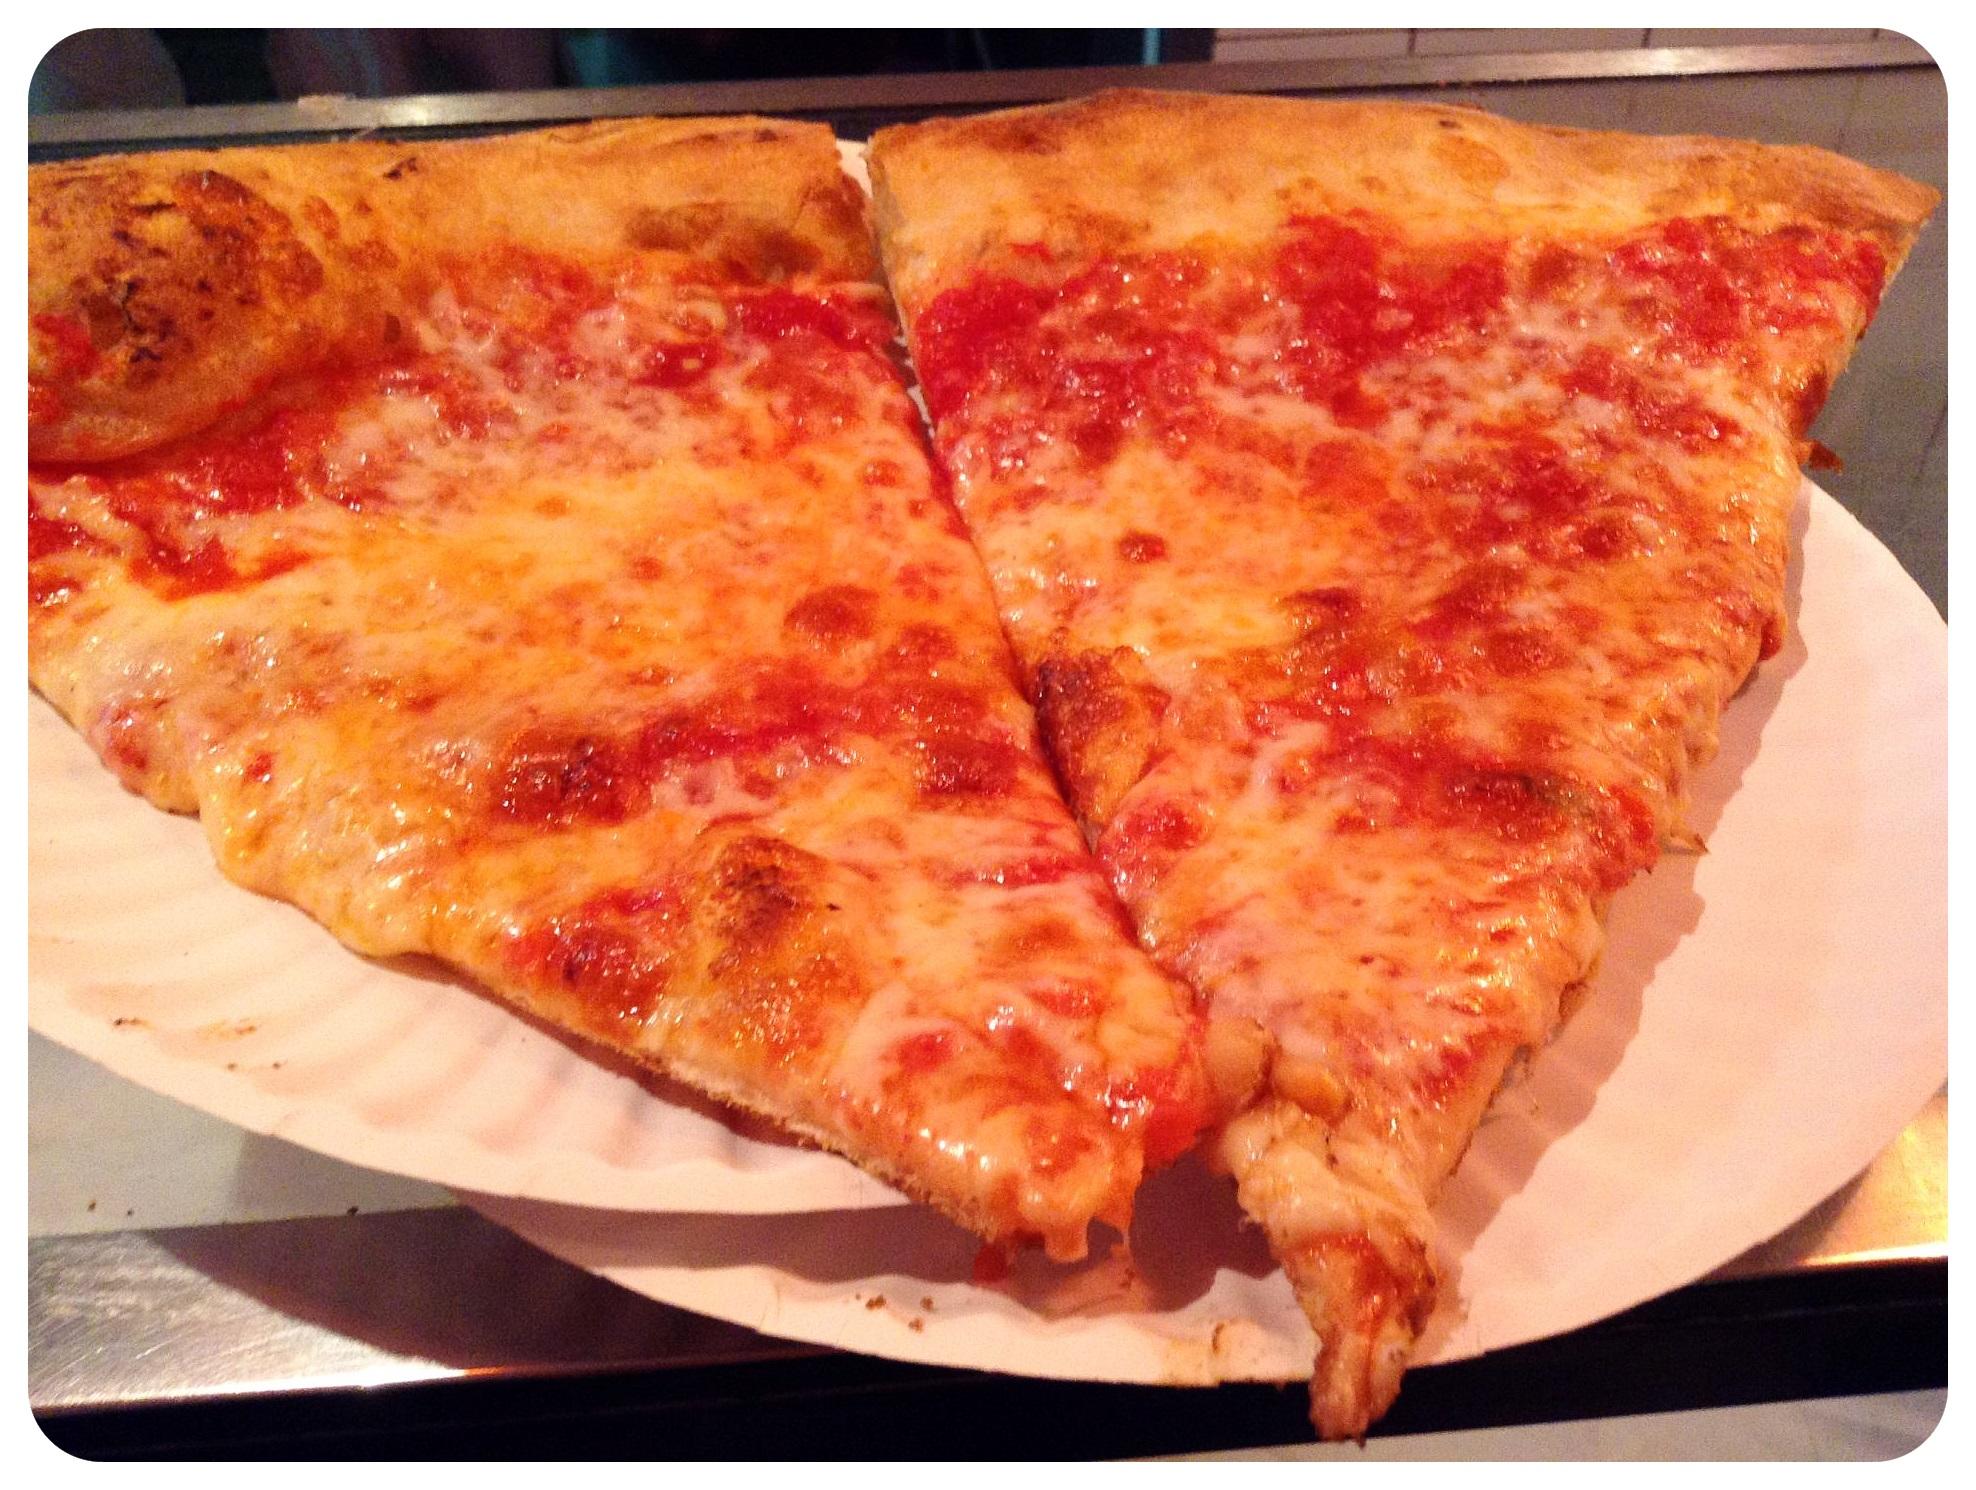 joe's pizza greenwich village